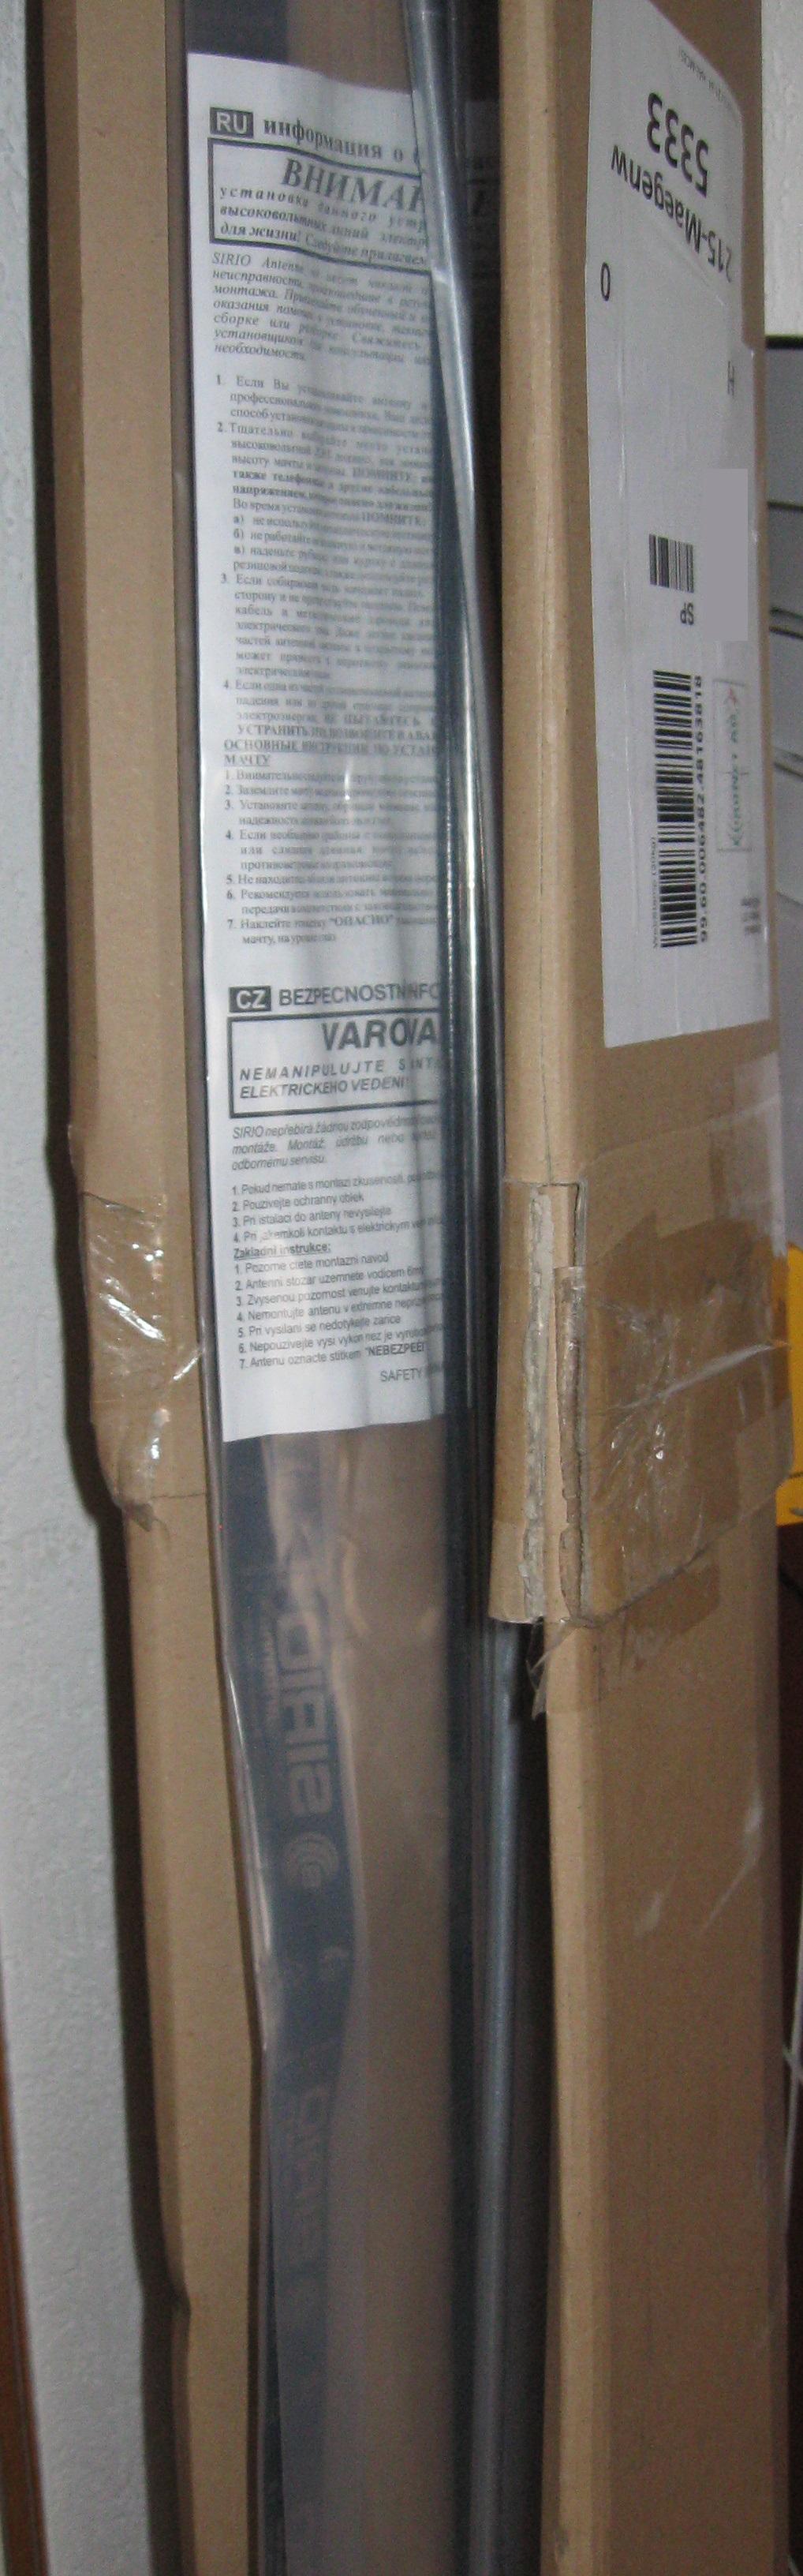 Das Originalpacket mit dem verkrümmten Strahler der Boomerang-Antenne